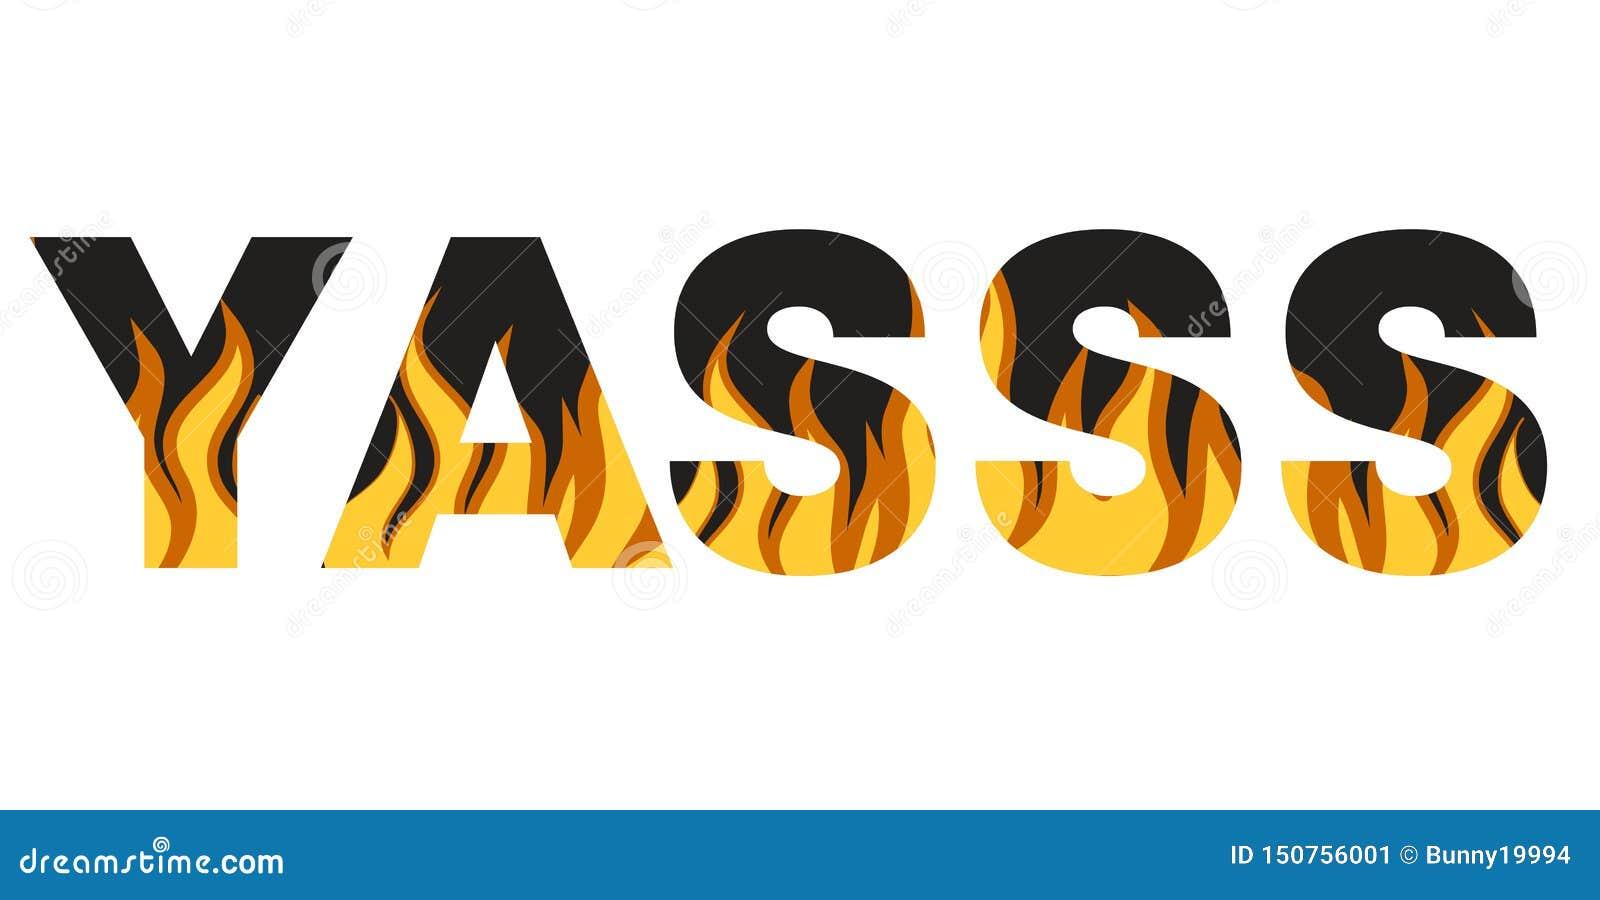 燃烧的题字 火口号 印刷术图表印刷品,T恤杉的时尚图画